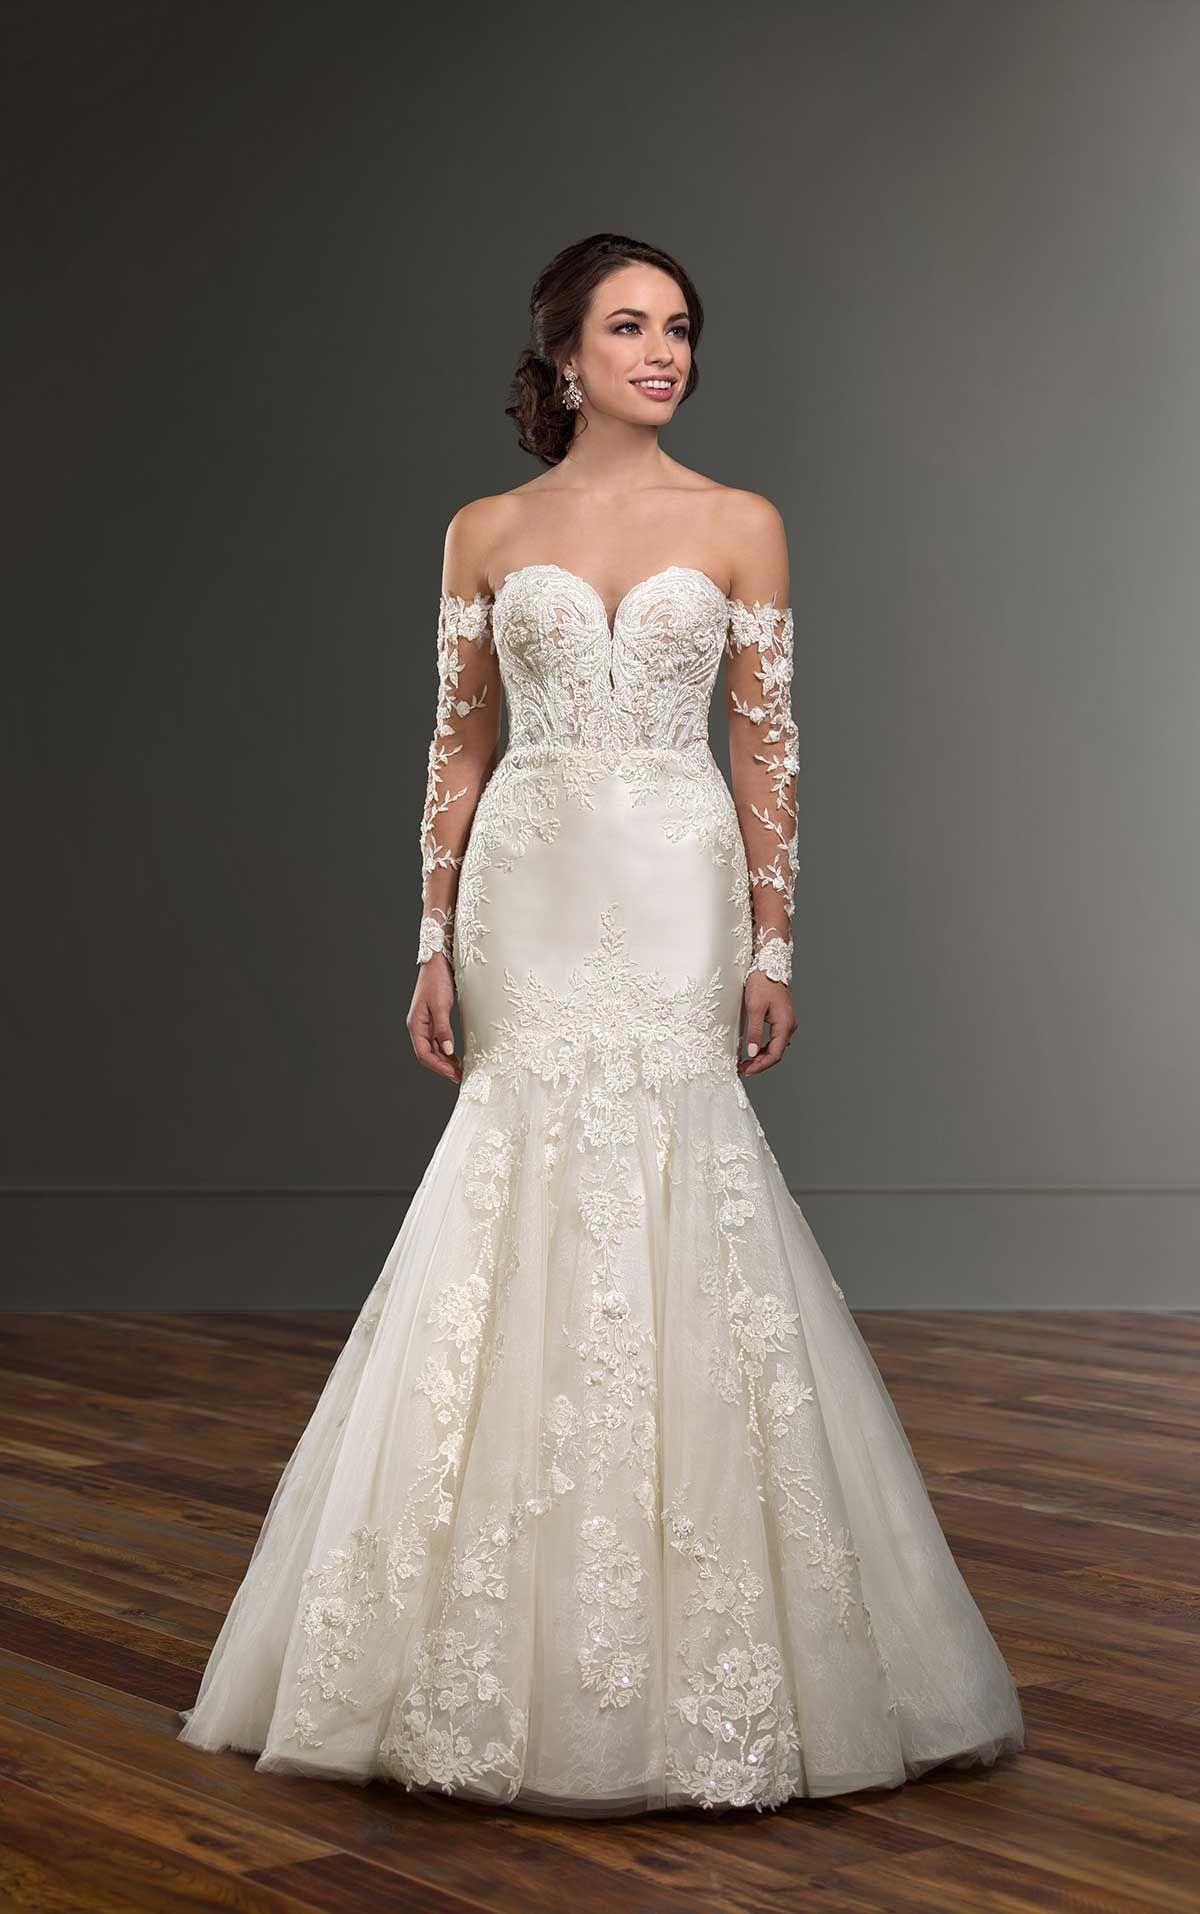 Mermaid Wedding Dress with Detachable Sleeves in 2020